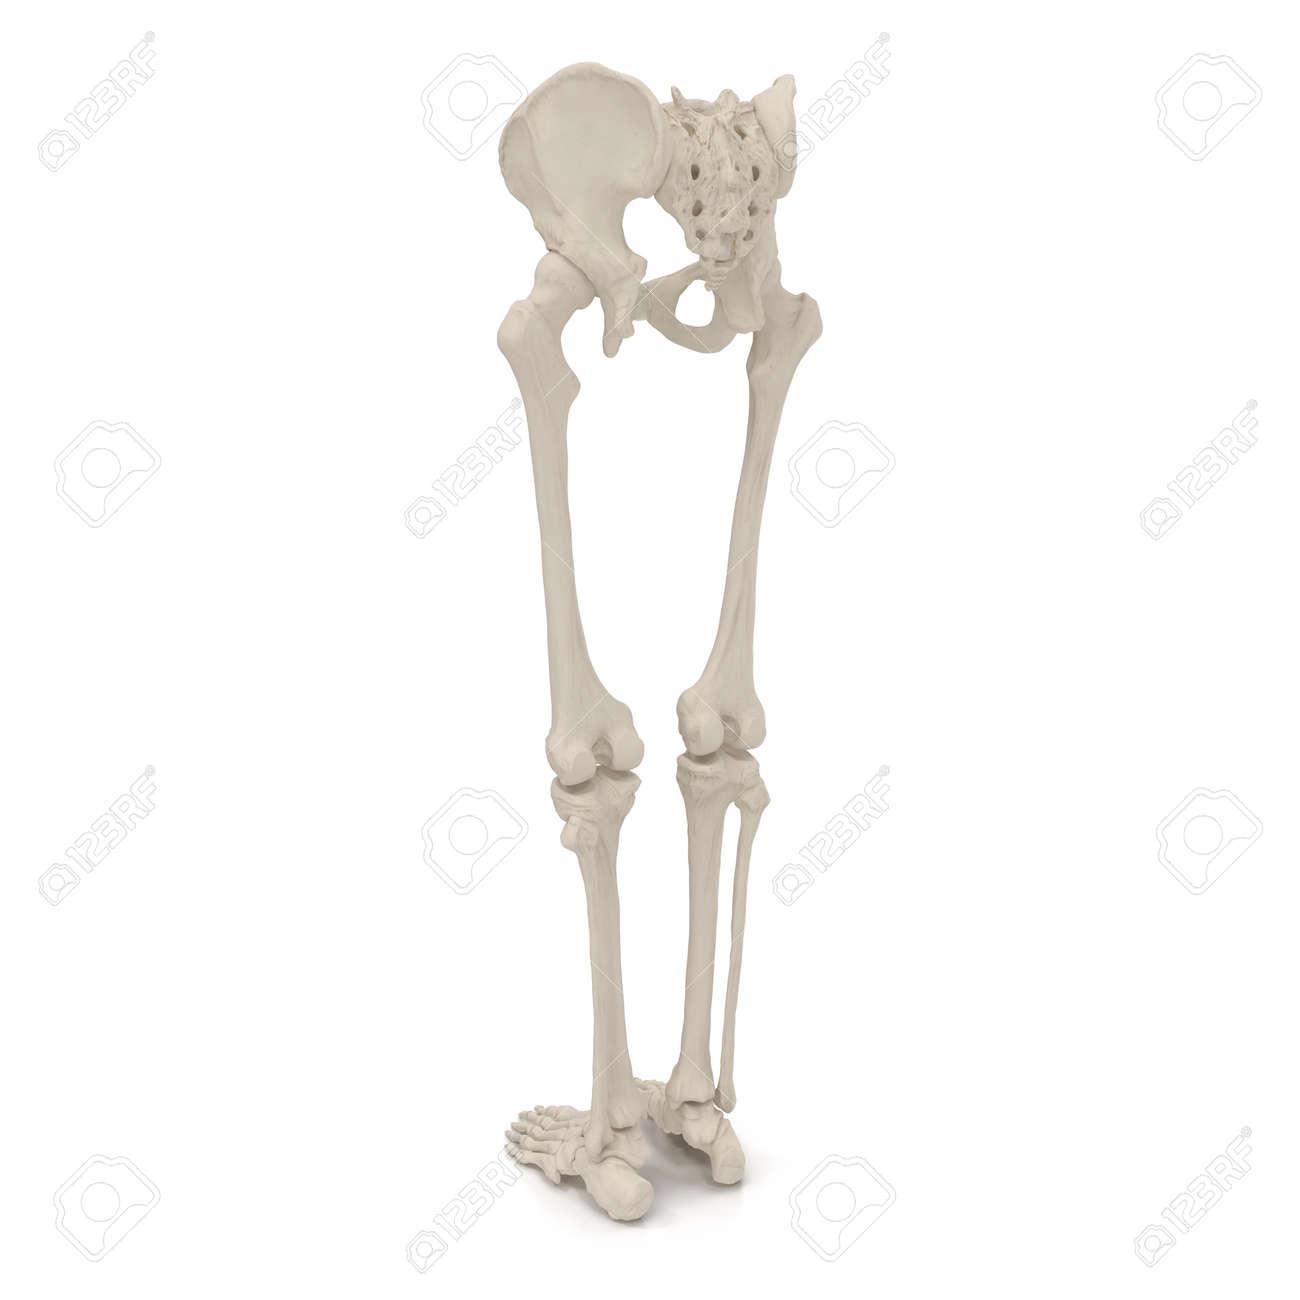 Ziemlich Körperskelett Zeitgenössisch - Menschliche Anatomie Bilder ...